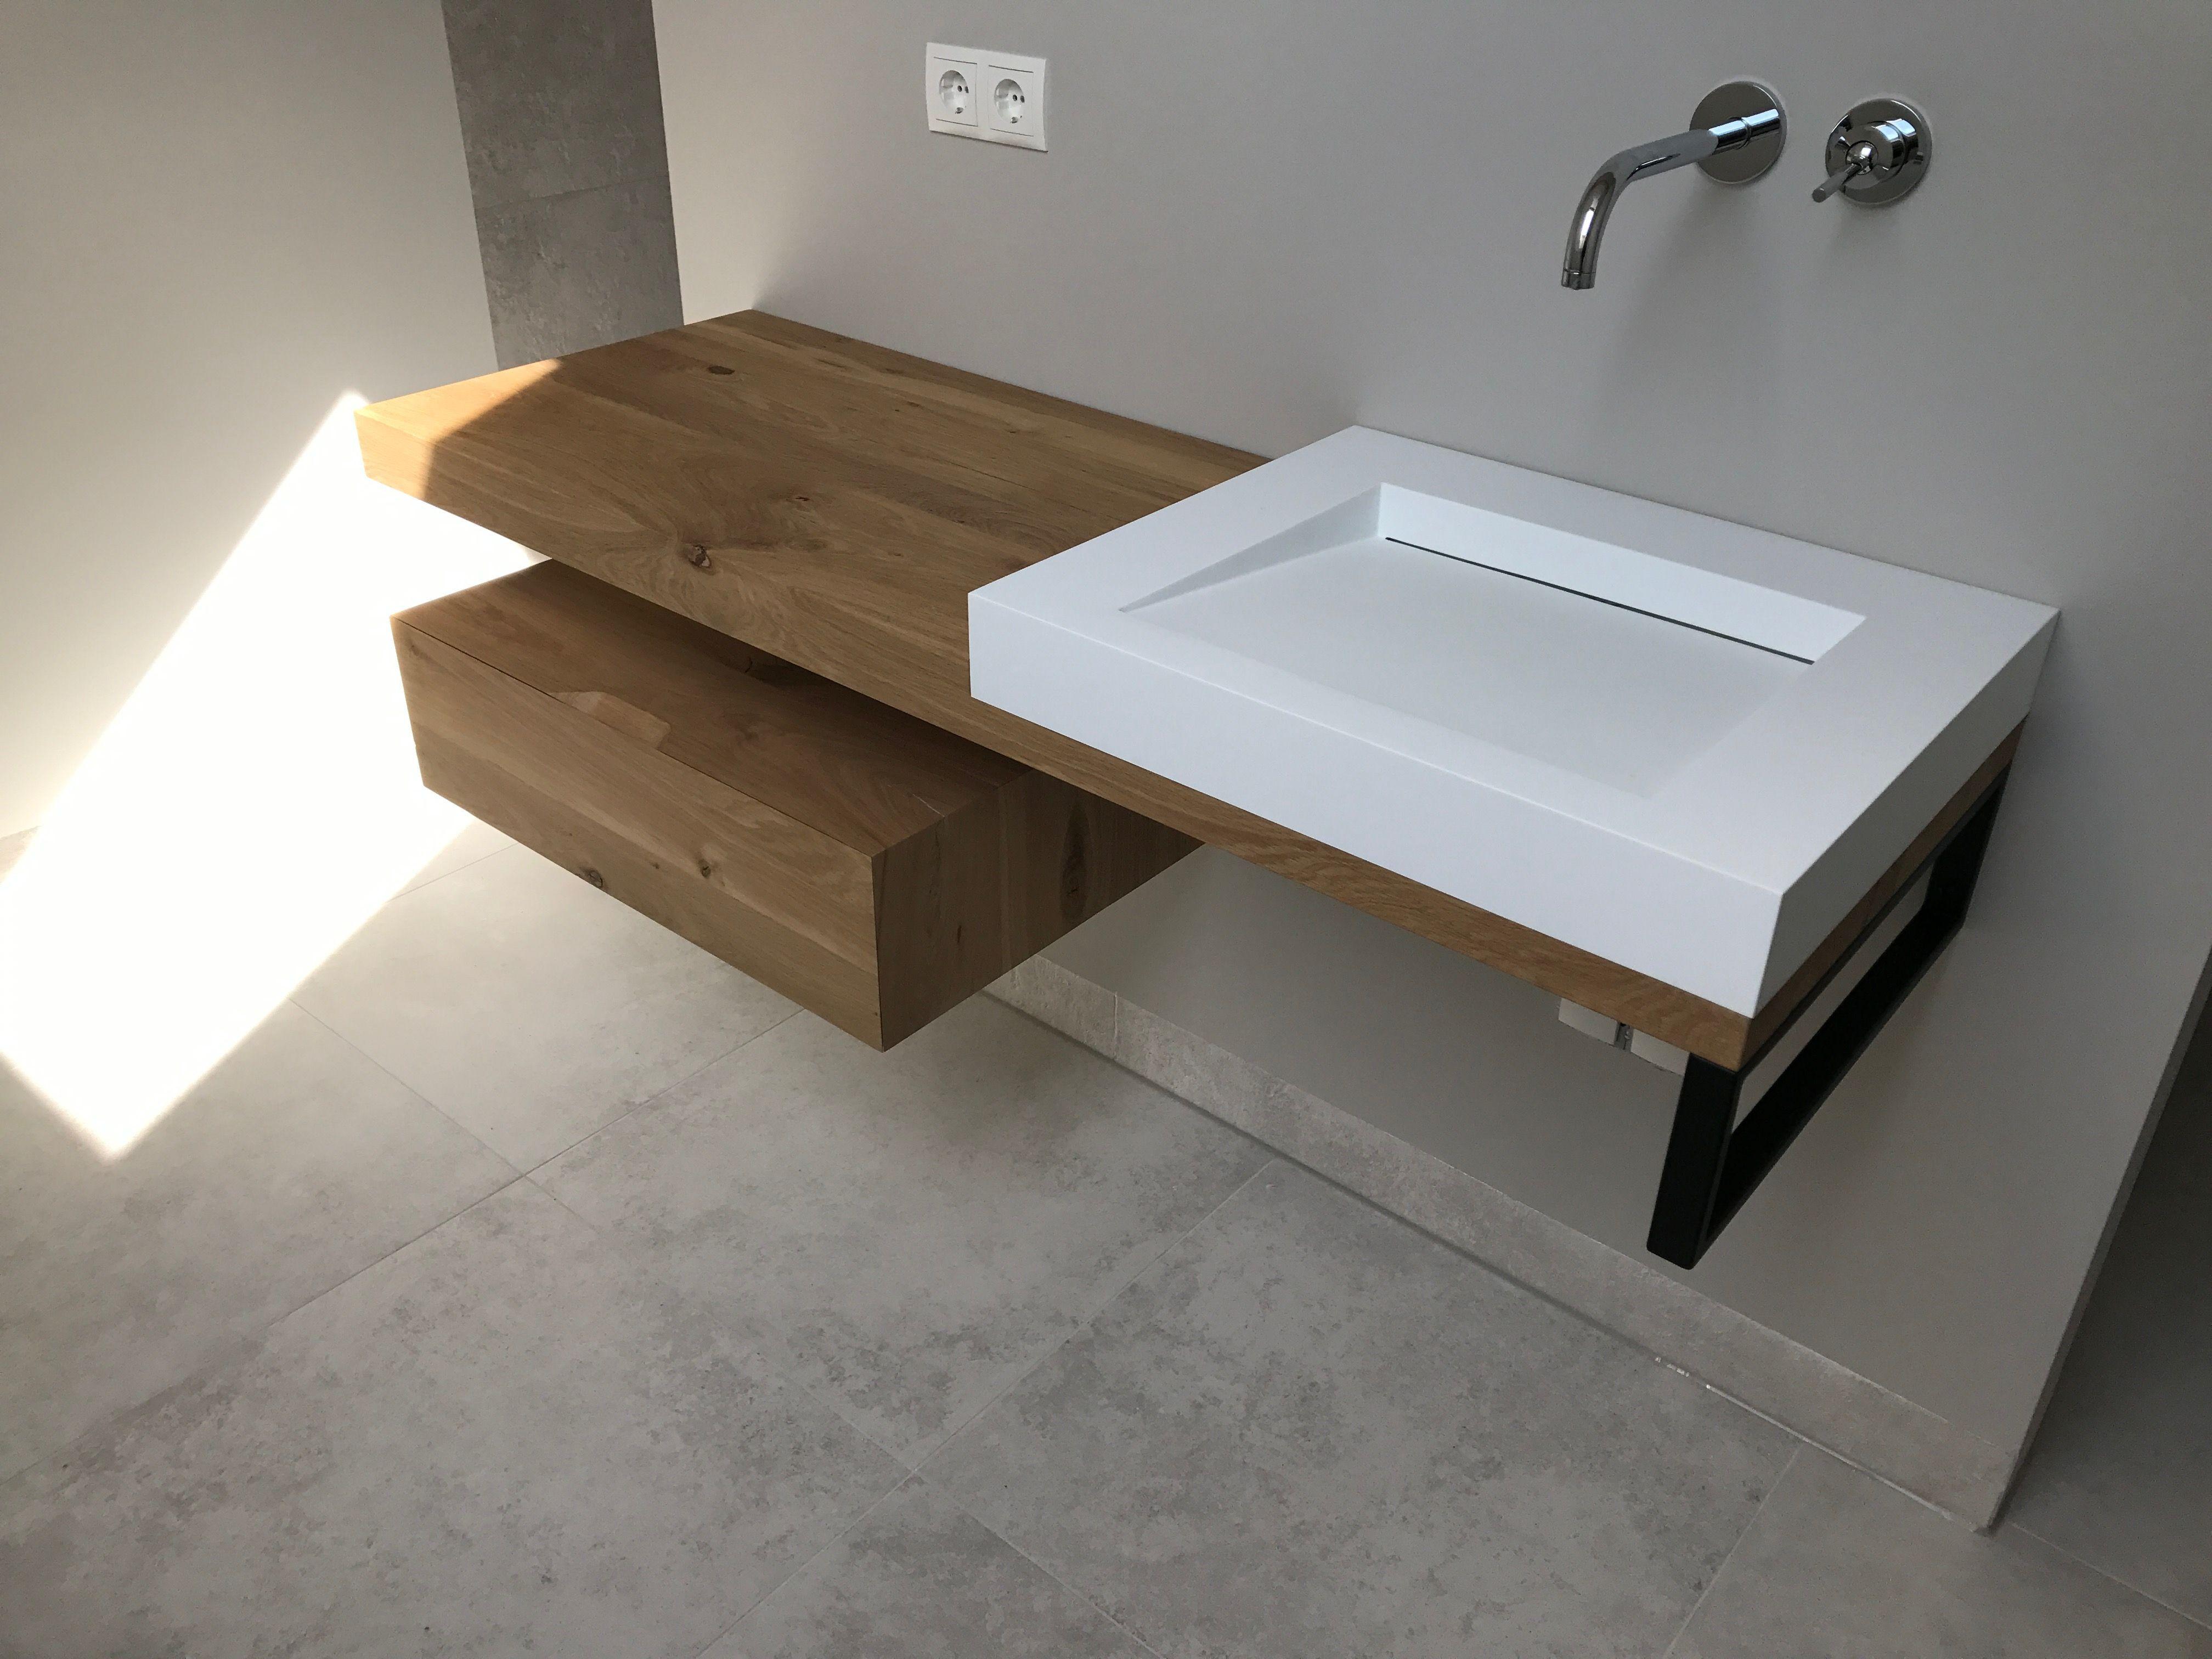 Sanitair Van Hout : Massief hout gecombineerd met luxe sanitair en maatwerk in staal